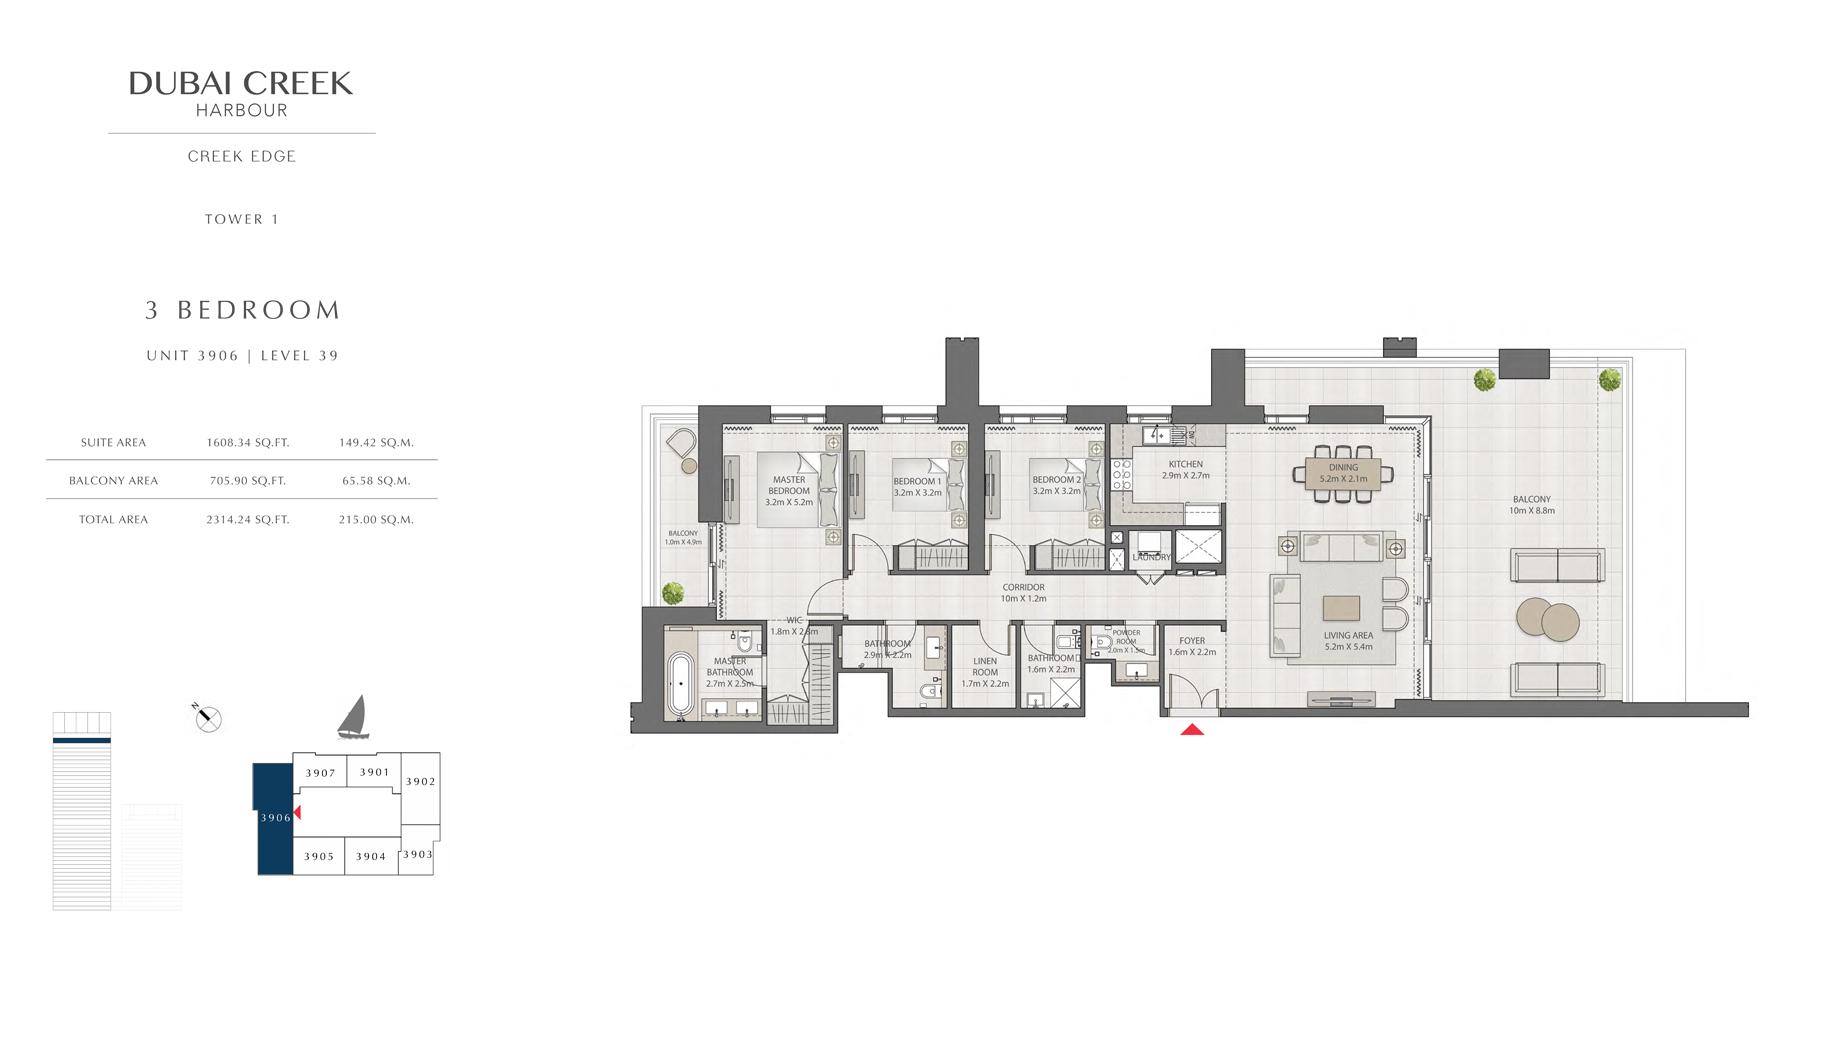 3 غرف نوم، برج 1، وحدة 3906 مستوى 39  حجم 2314 قدم مربع